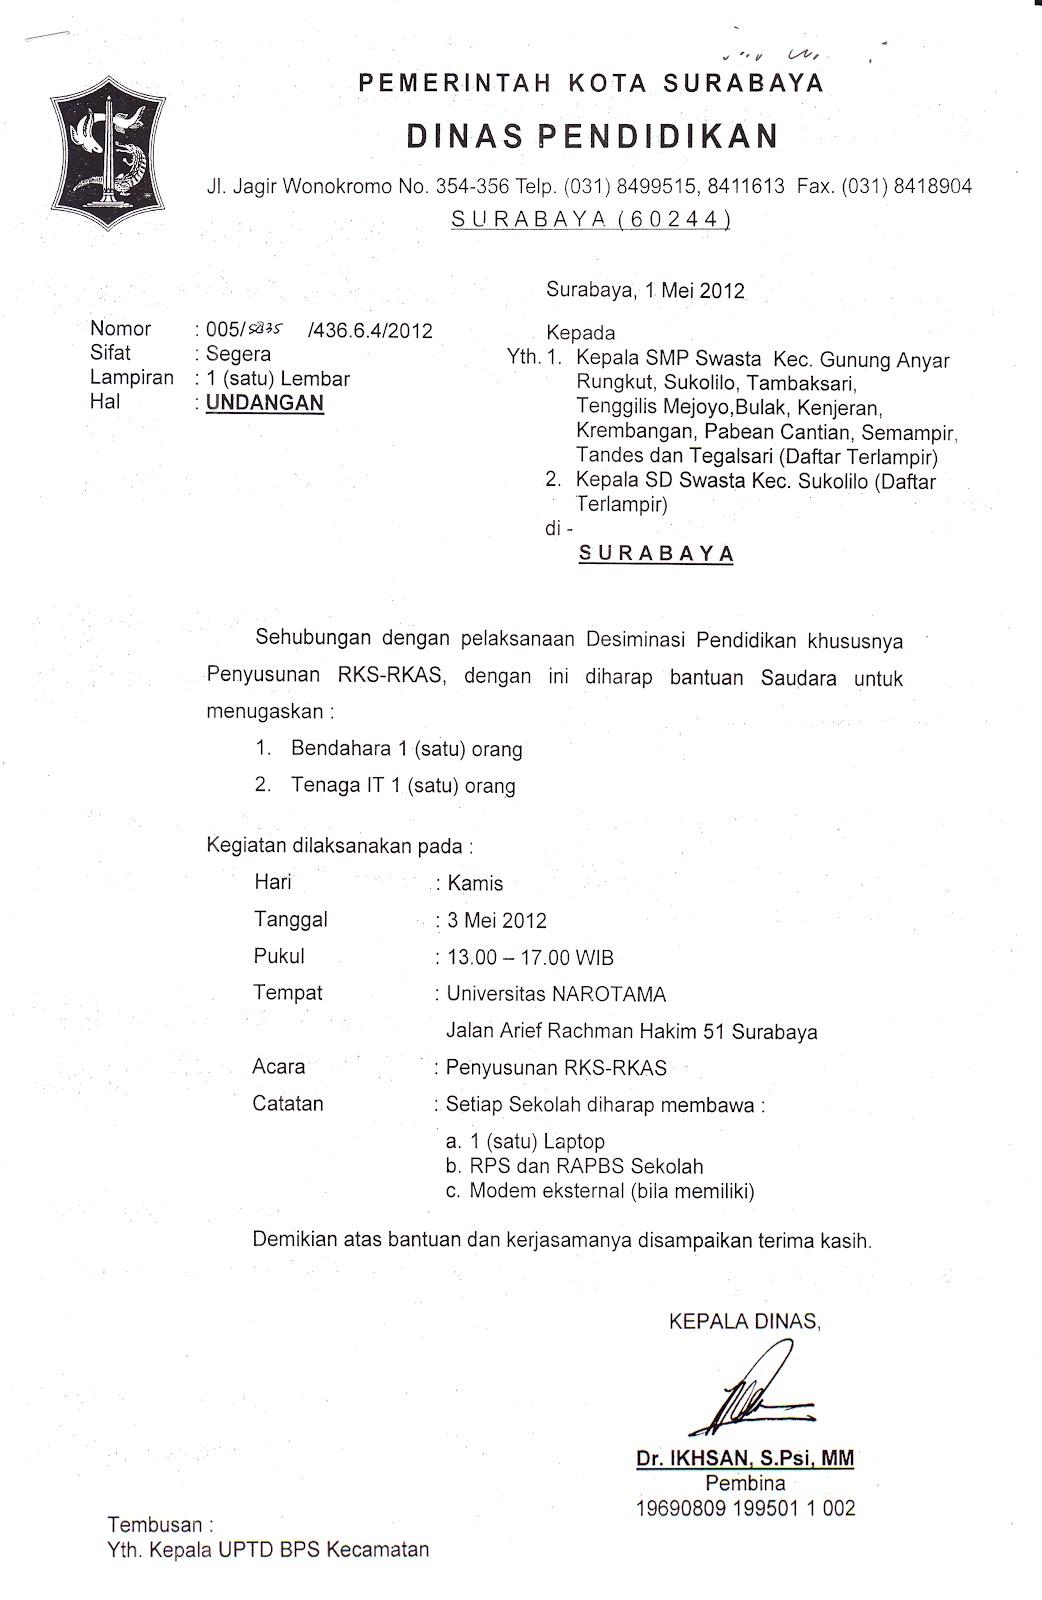 Ditujukan Kepada Kepala Sekolah SMP Swasta Kec. Krembangan, ( Nama